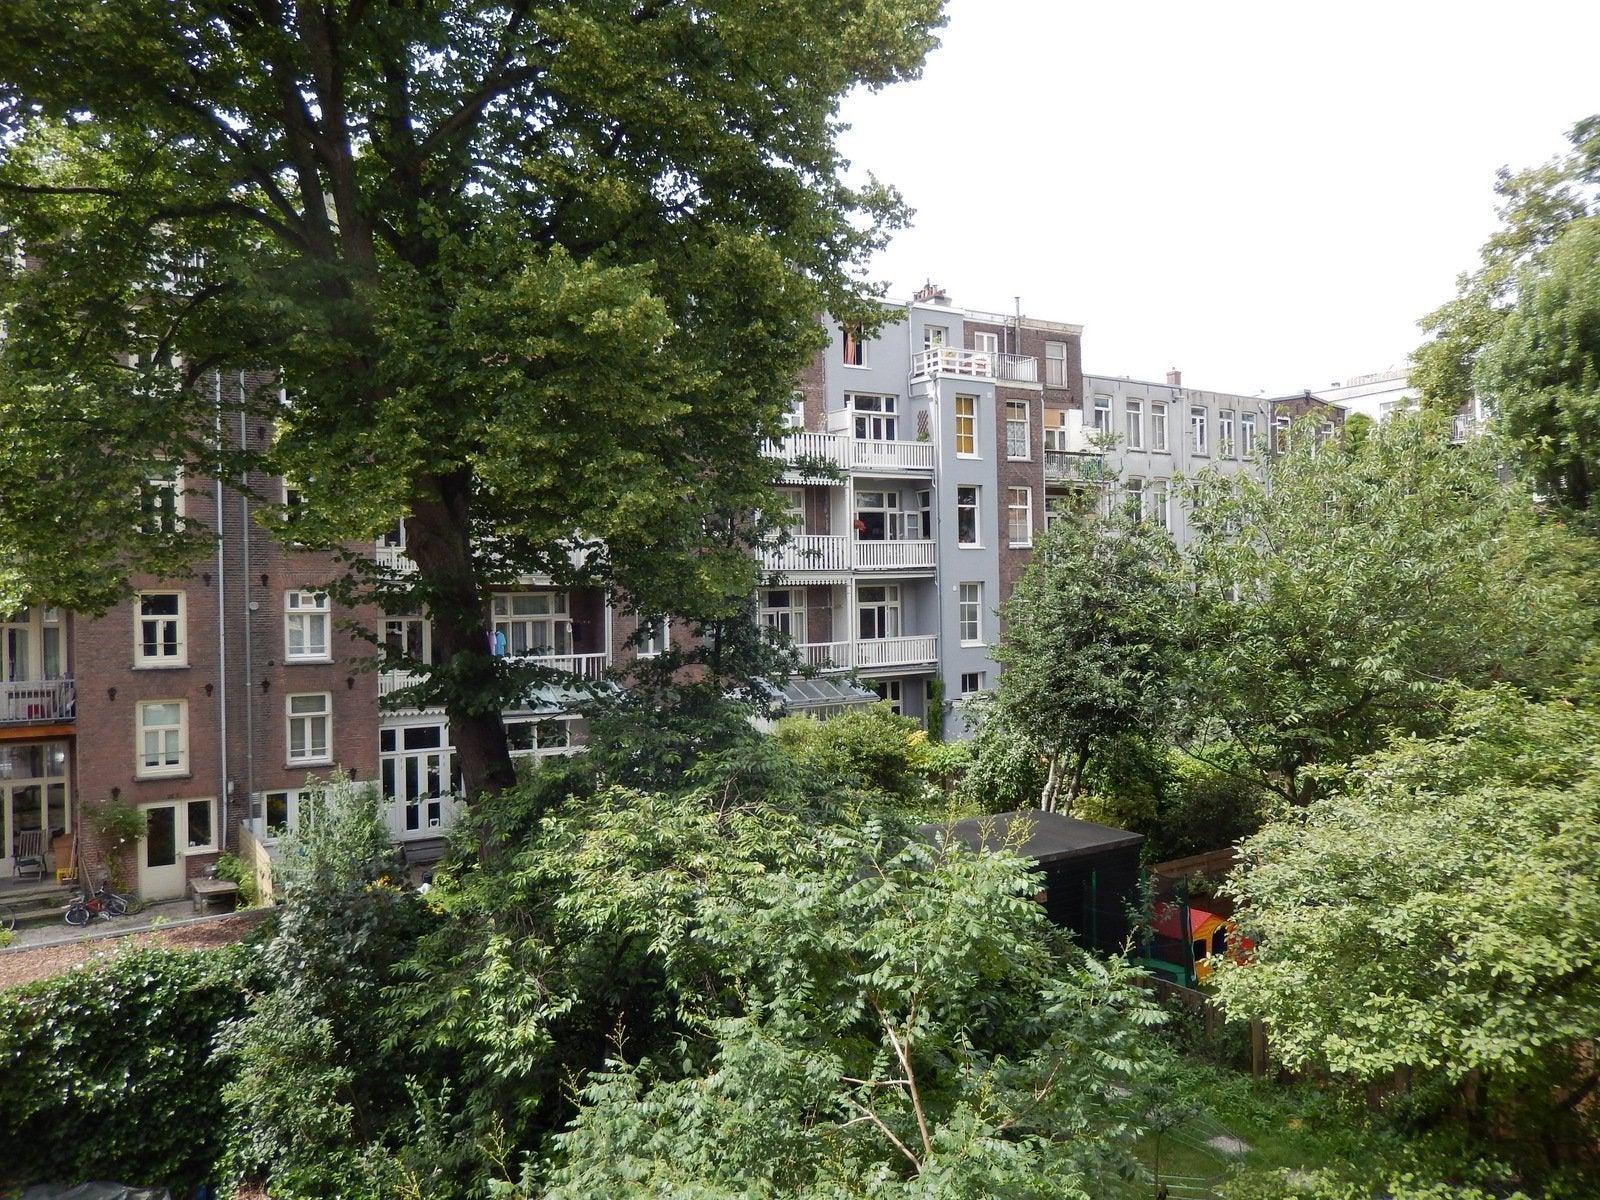 Pieter Pauwstraat, Amsterdam